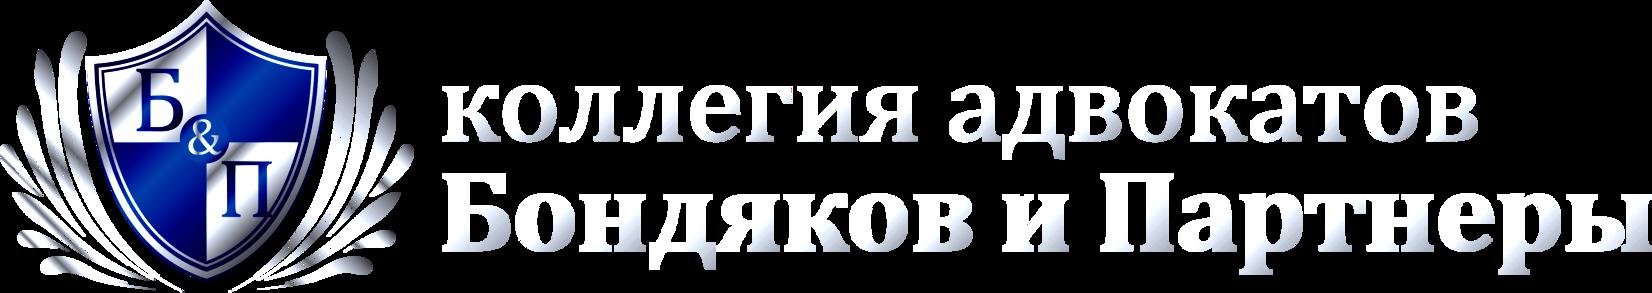 Бондяков и партнеры